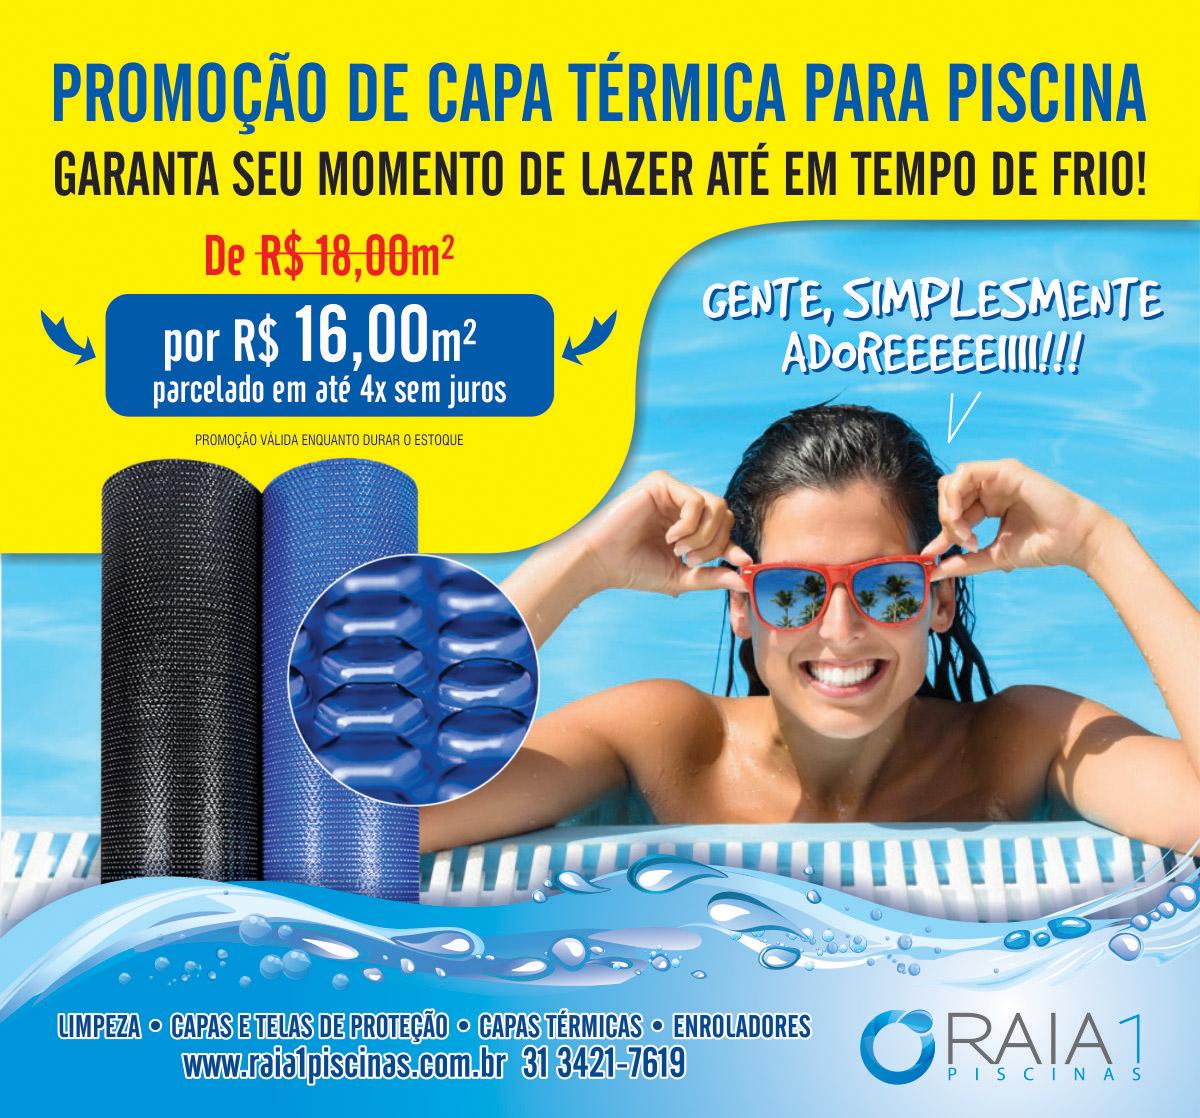 capa térmica para piscina promocao em bh